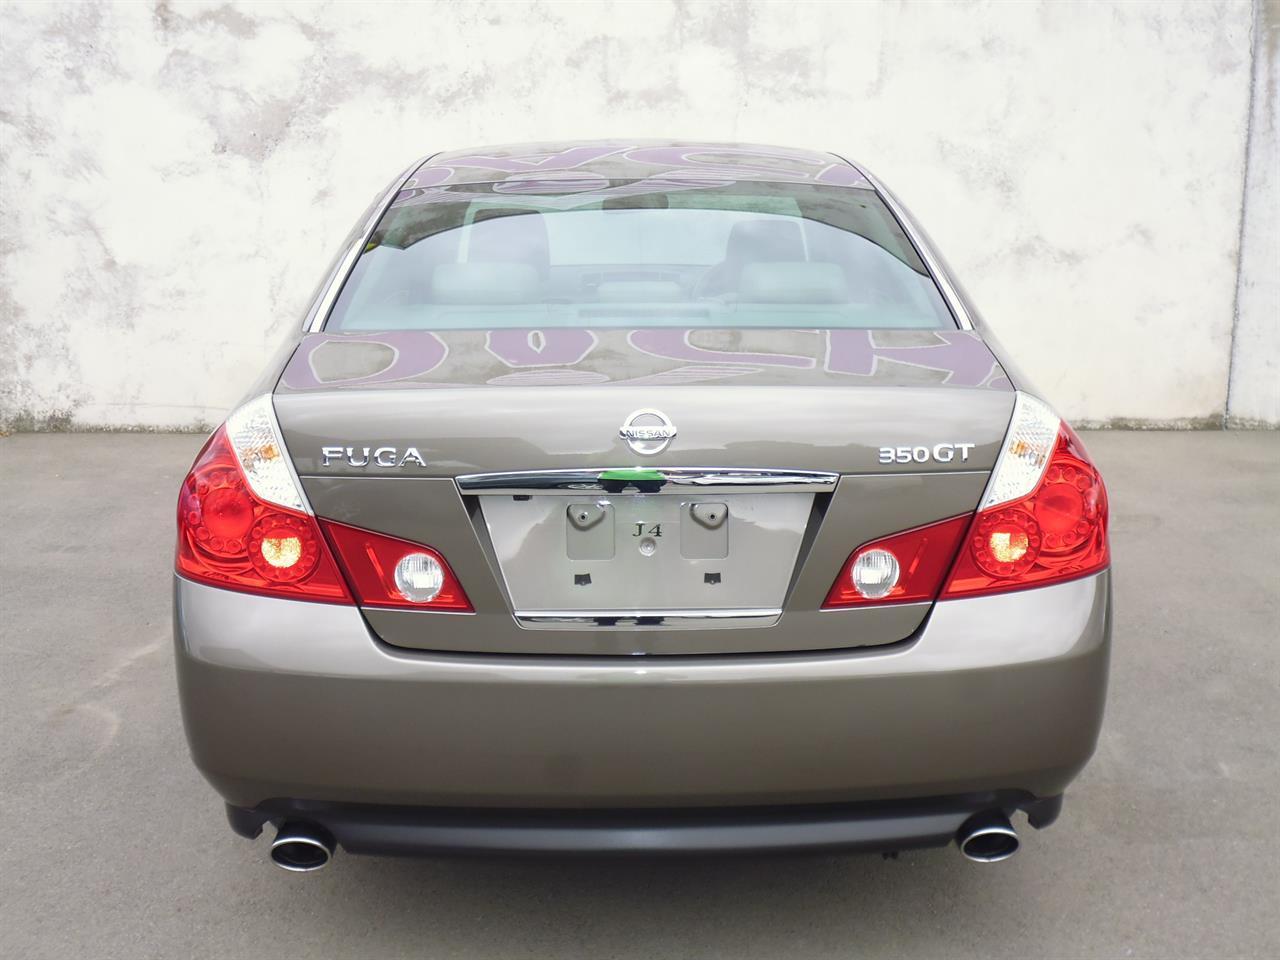 image-5, 2006 Nissan Fuga 350GT at Christchurch